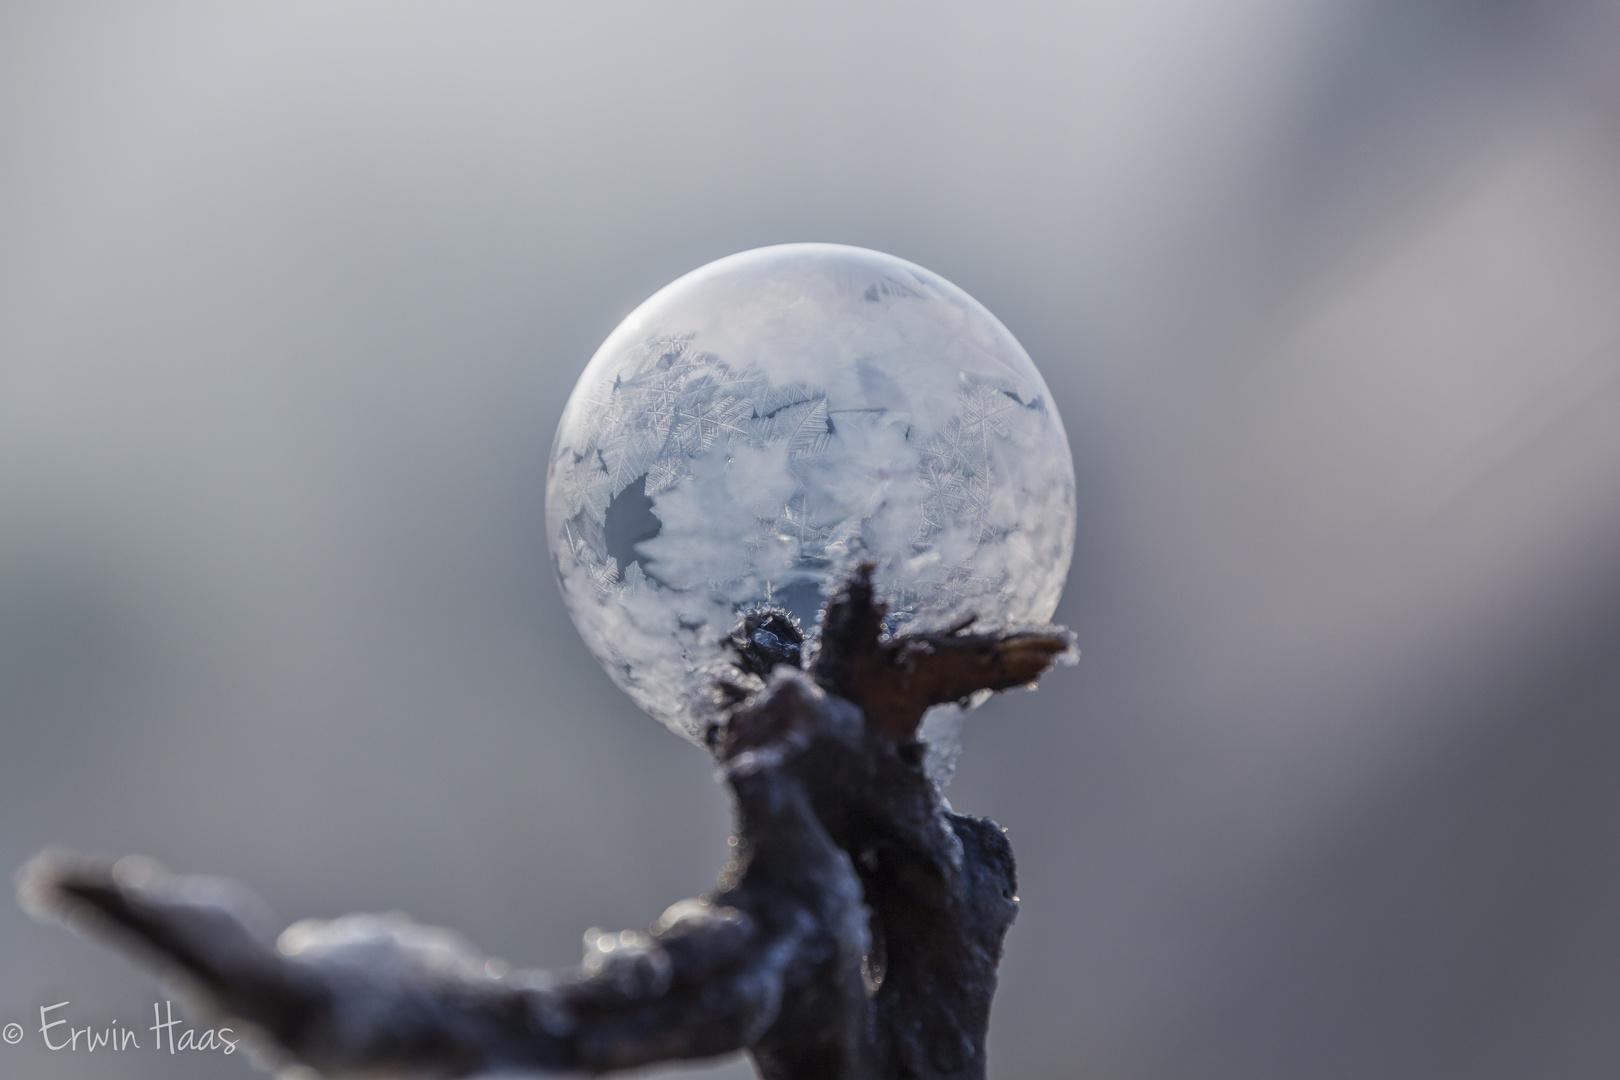 Gefrorene seifenblase foto bild gefroren seifenblasen for Seifenblasen auf englisch